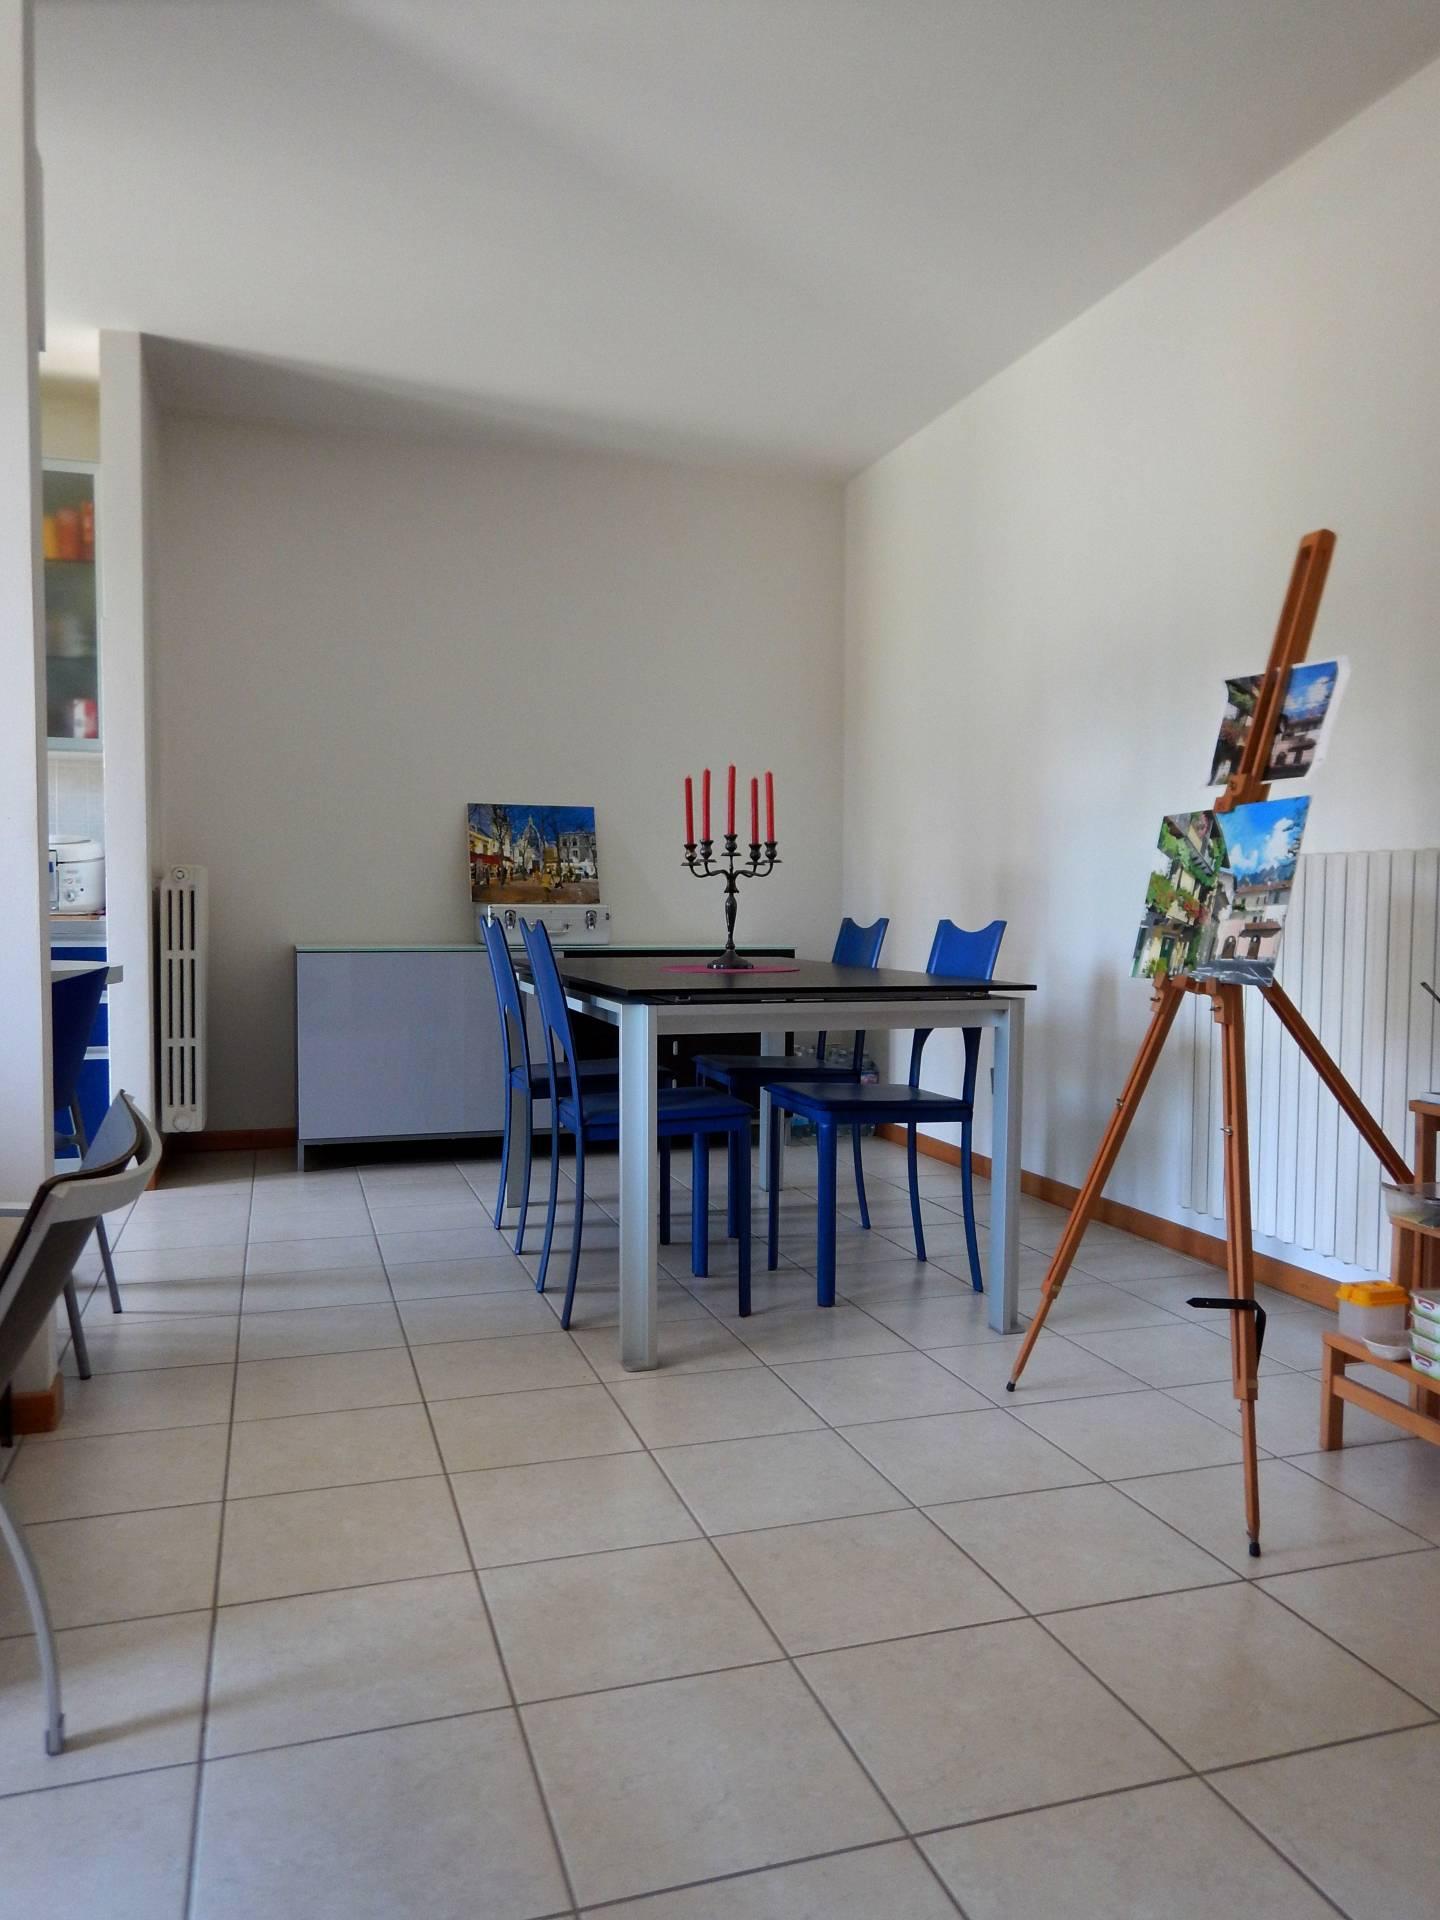 Appartamento in vendita a Cisano Bergamasco, 2 locali, prezzo € 85.000 | Cambio Casa.it